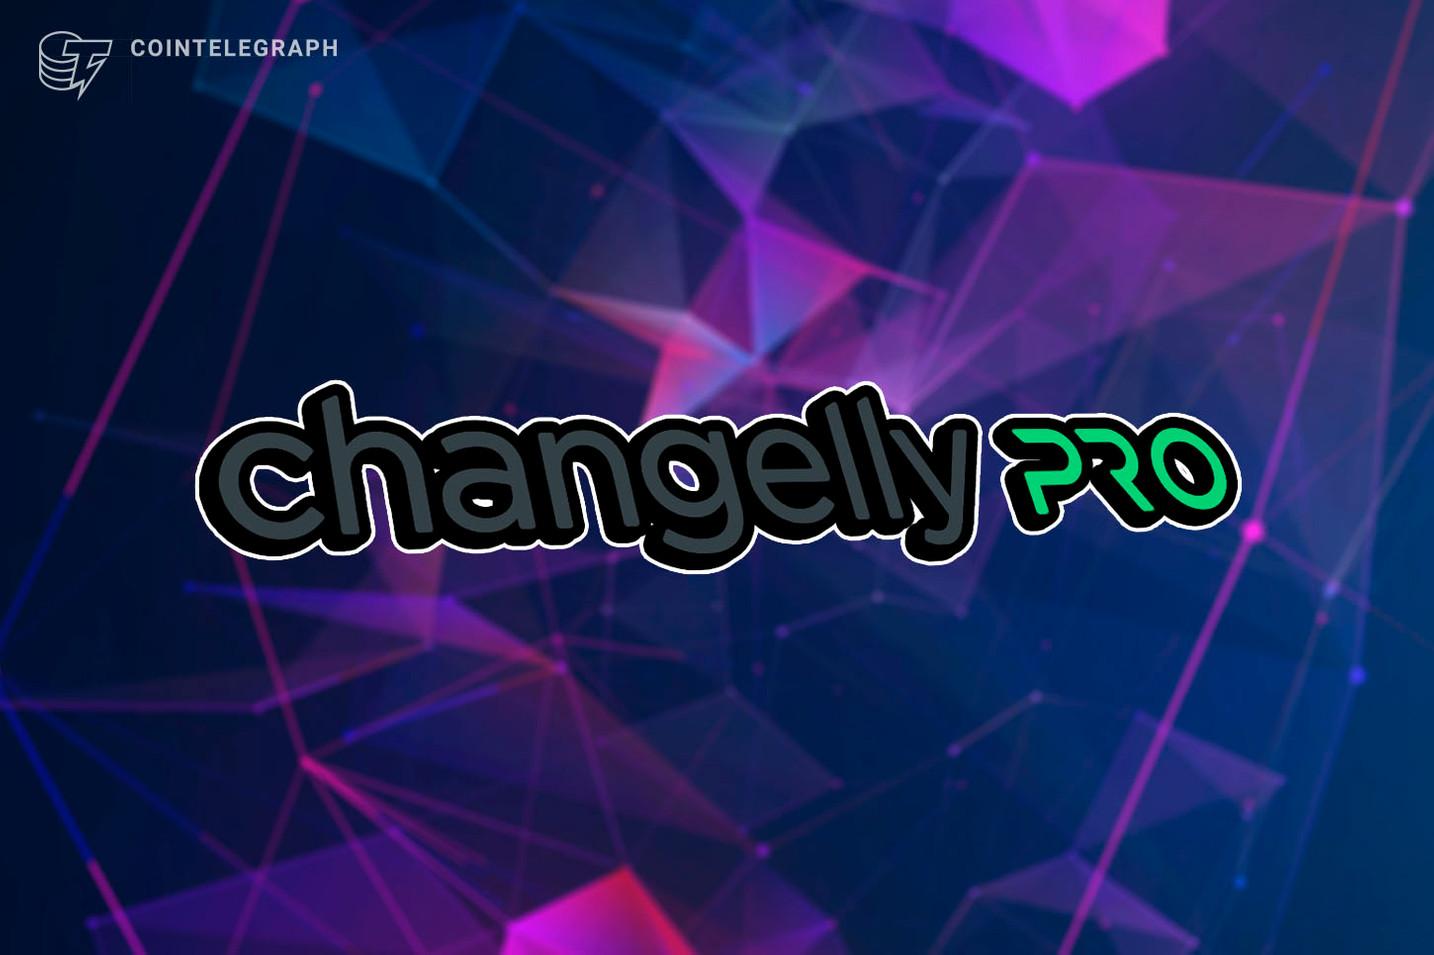 仮想通貨レバレッジ取引なら、使いやすさ抜群のChangelly PRO!